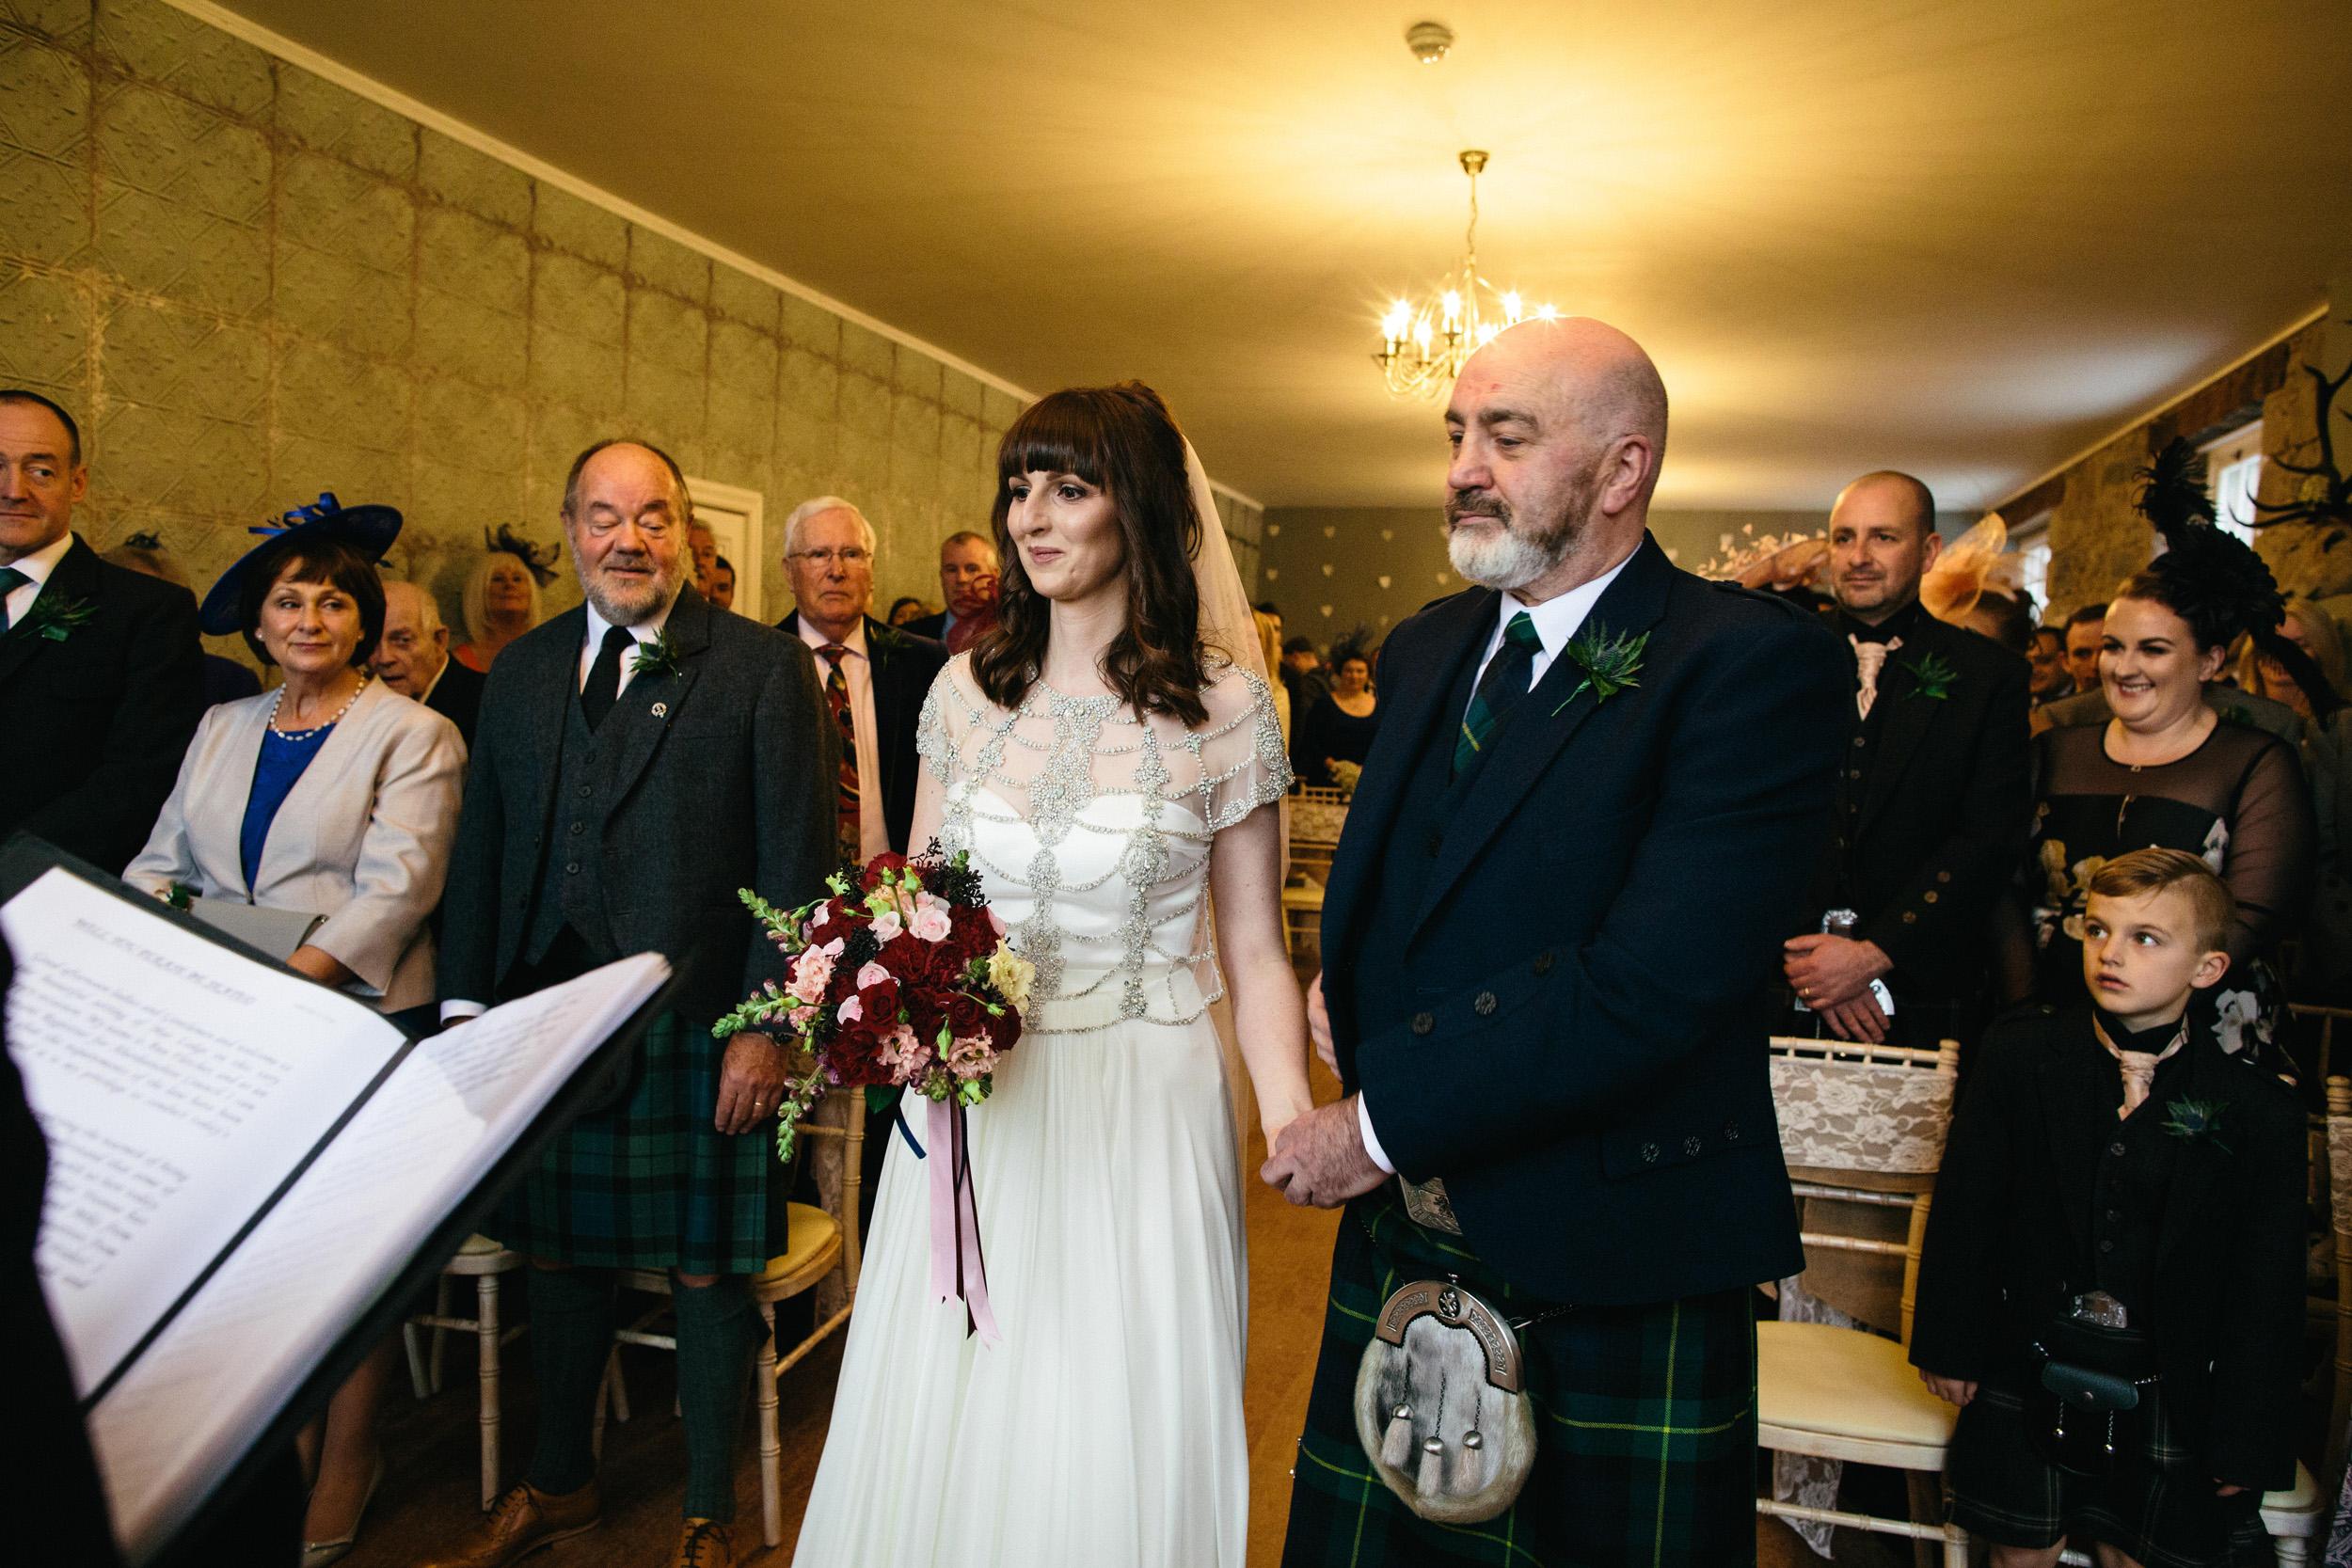 Natural Wedding Photography Aberdeen Braemar 019.jpg